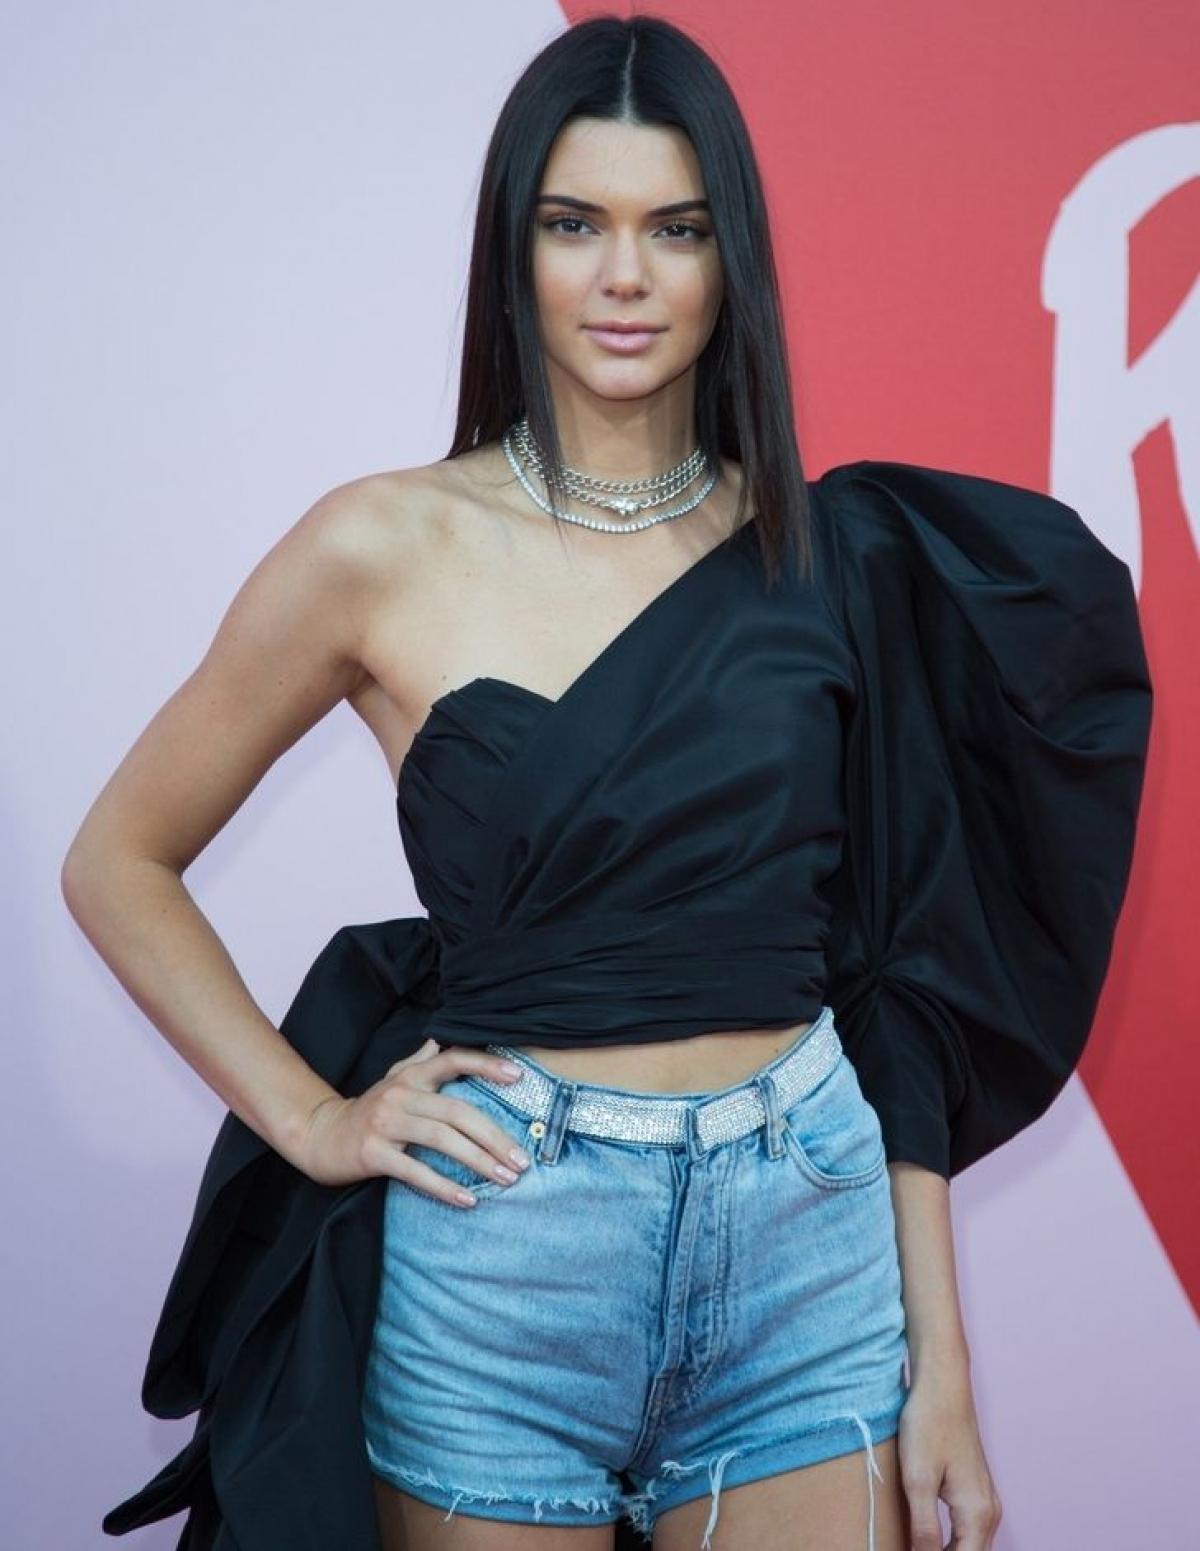 Kendall Jenner xuất hiện trên thảm đỏ Liên hoan phim Cannes 2017 với trang phục quần short denim kết hợp với áo lệch vai của Alexandre Vauthier kèm một số phụ kiện.